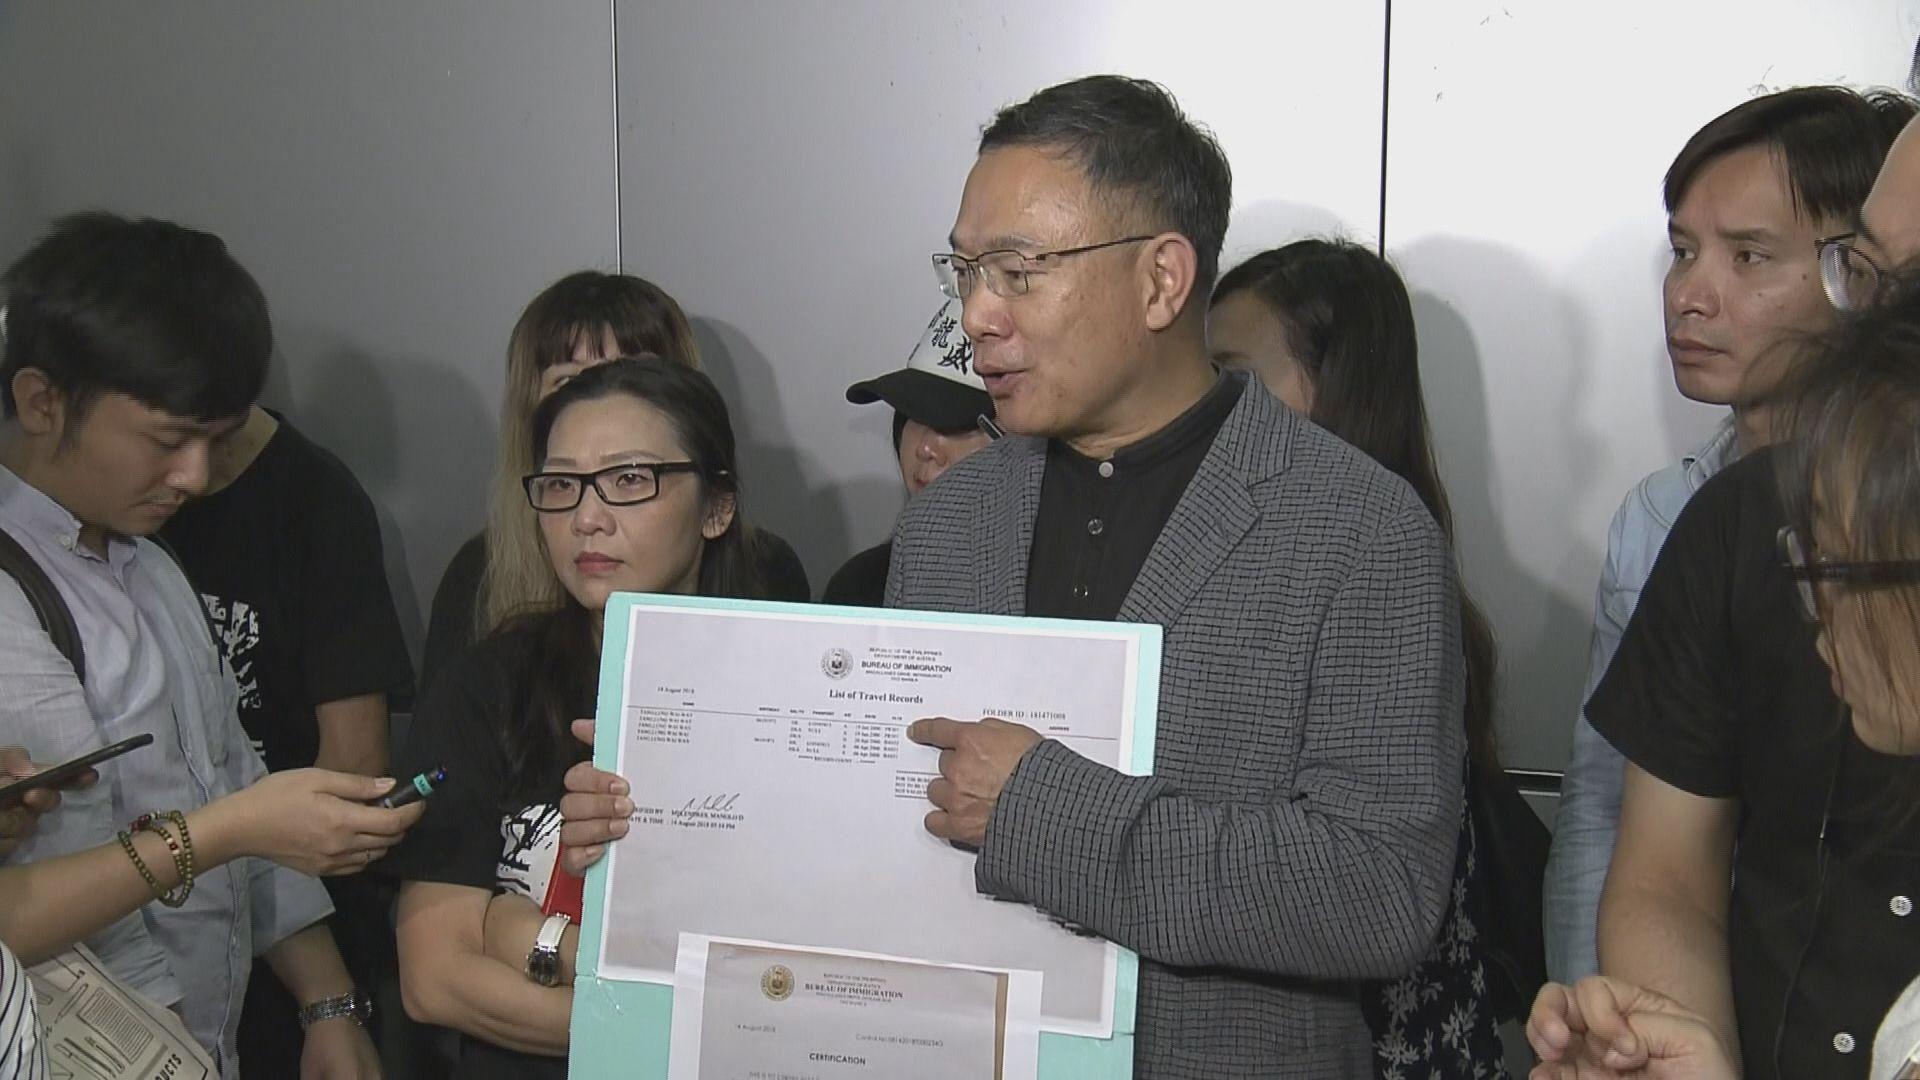 鄧龍威涉菲販毒案獲入境紀錄助翻案